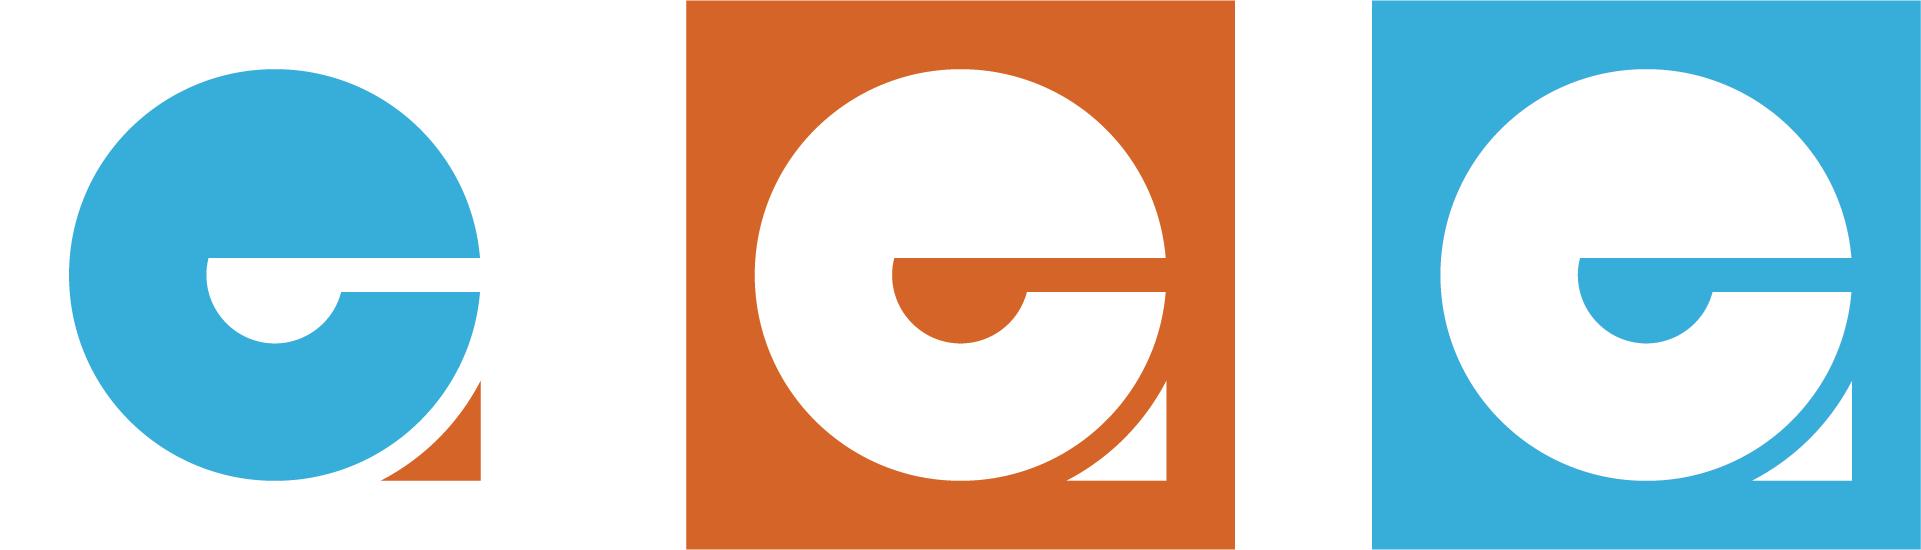 Active Edge Icons